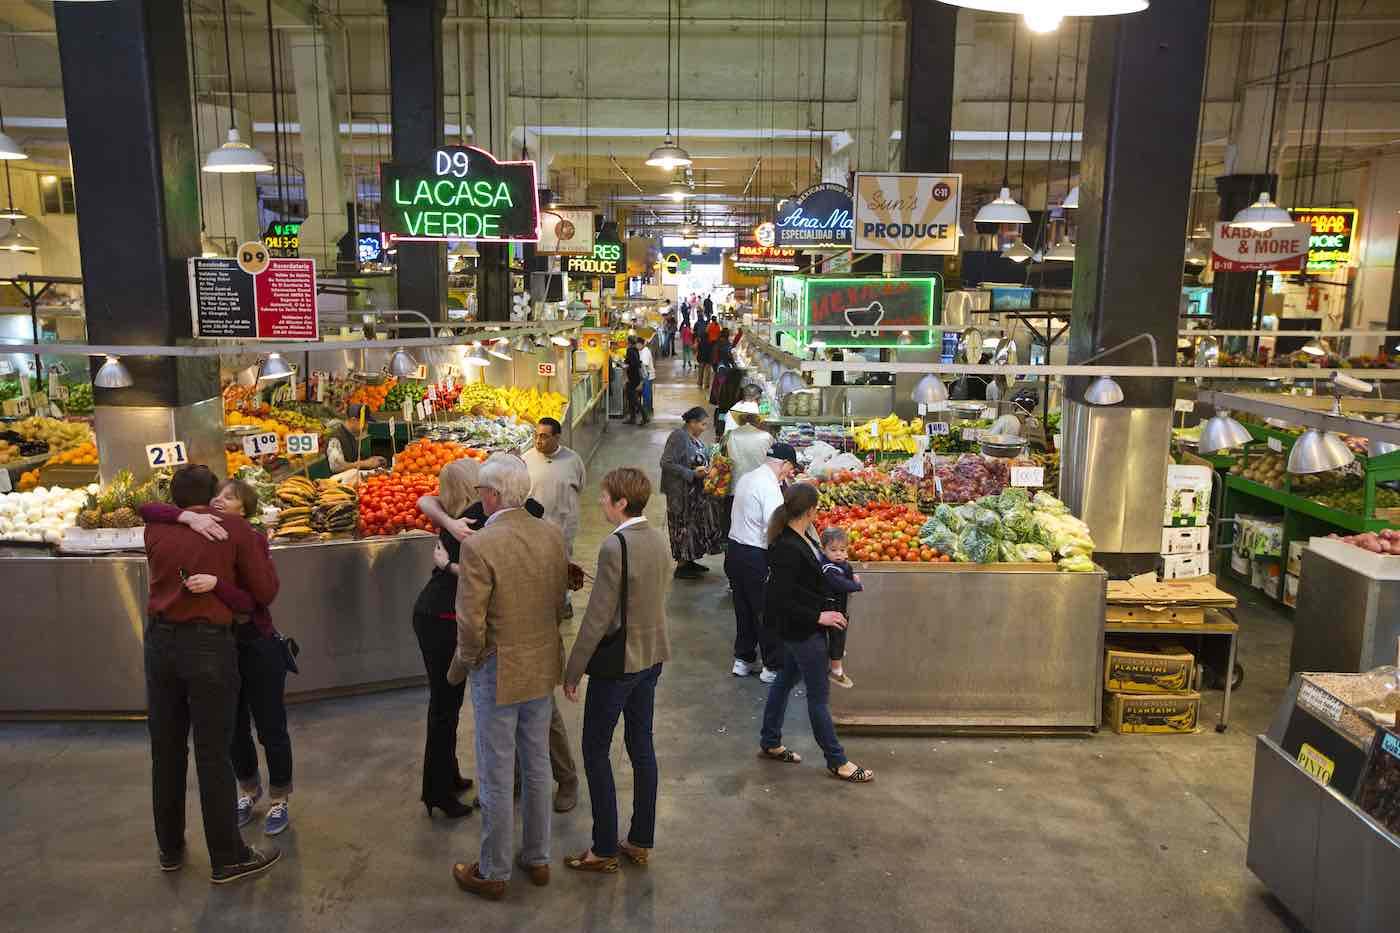 DINE LATINO Restaurant Week: Grand Central Market